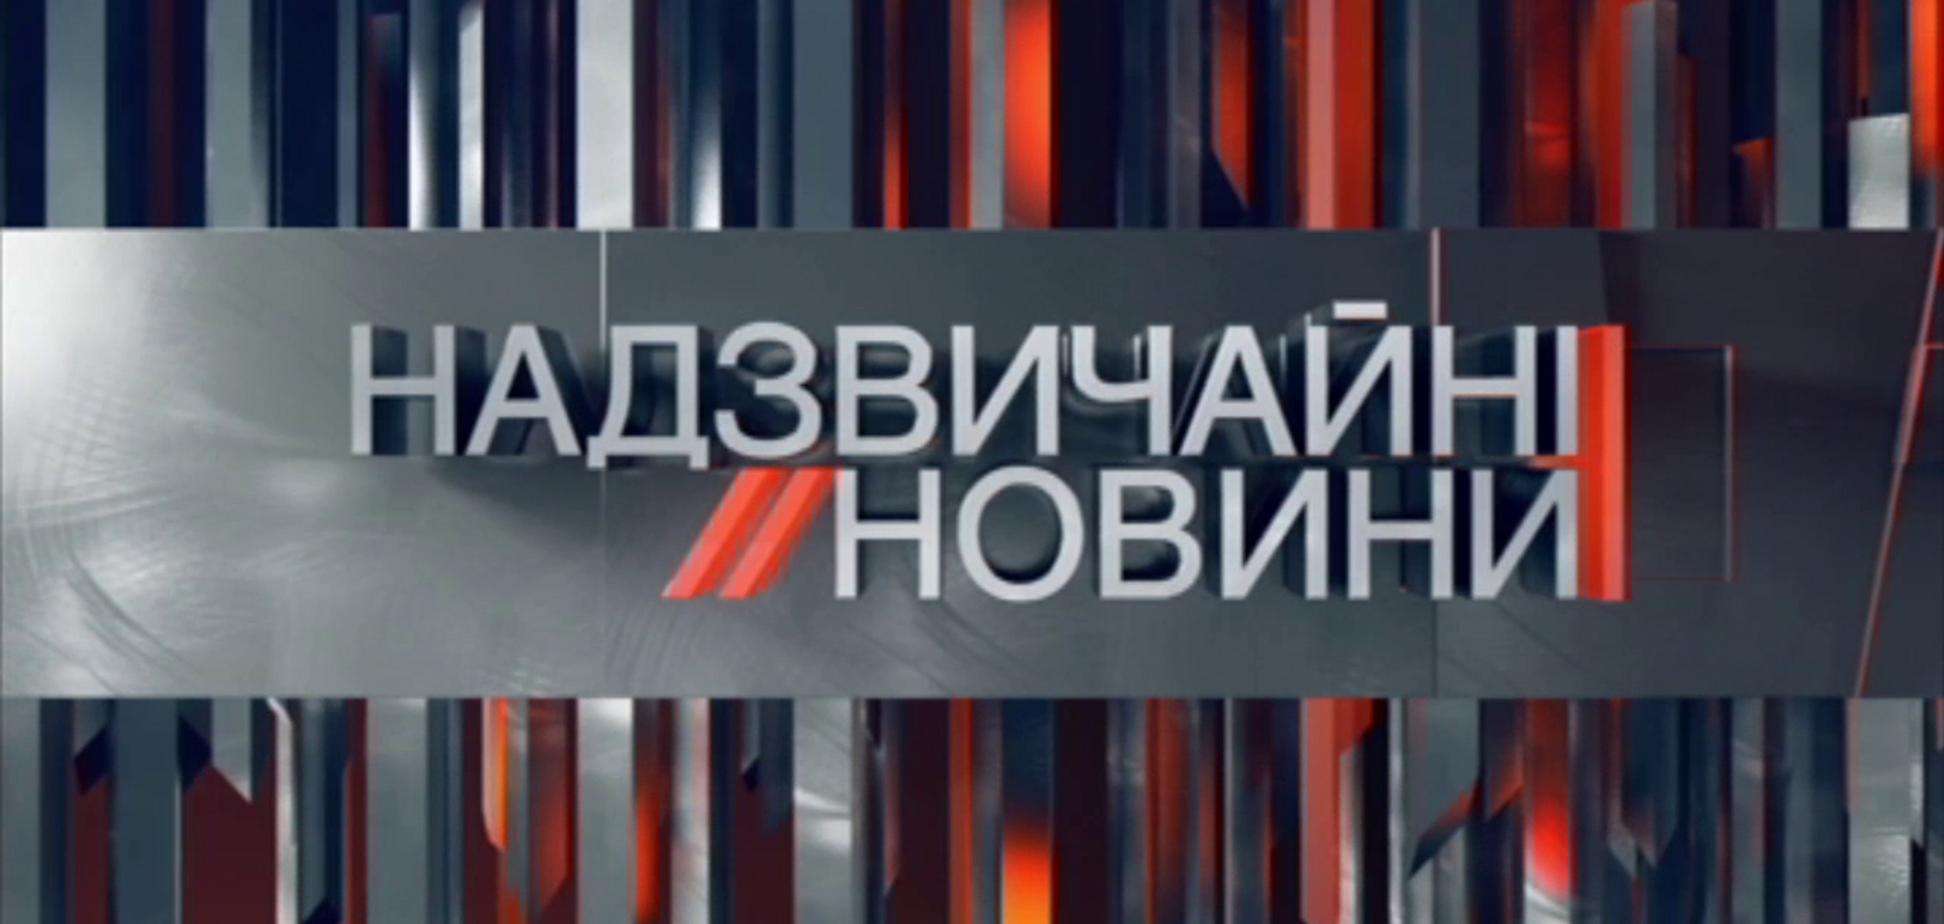 Известные журналисты и антикоррупционные активисты обвинили 'Чрезвычайные новости' в размещении заказных материалов и черном пиаре